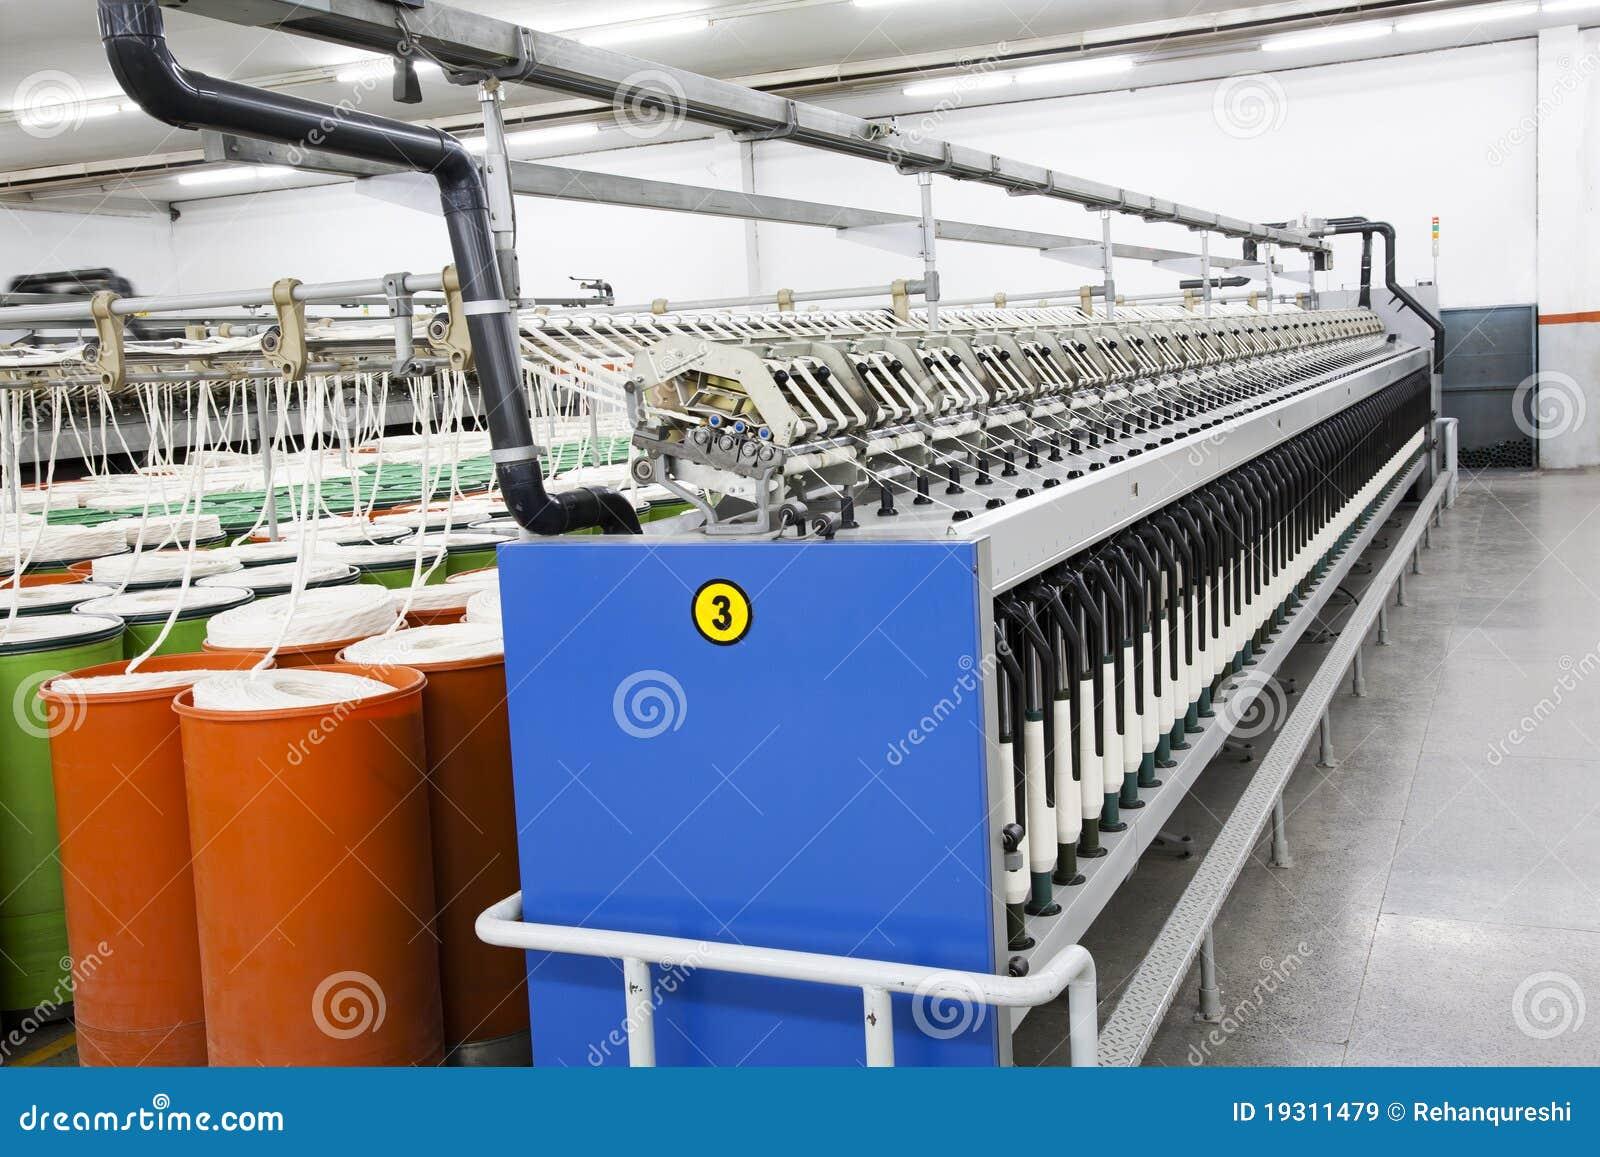 Warehouse manufacturing cotton Yarn